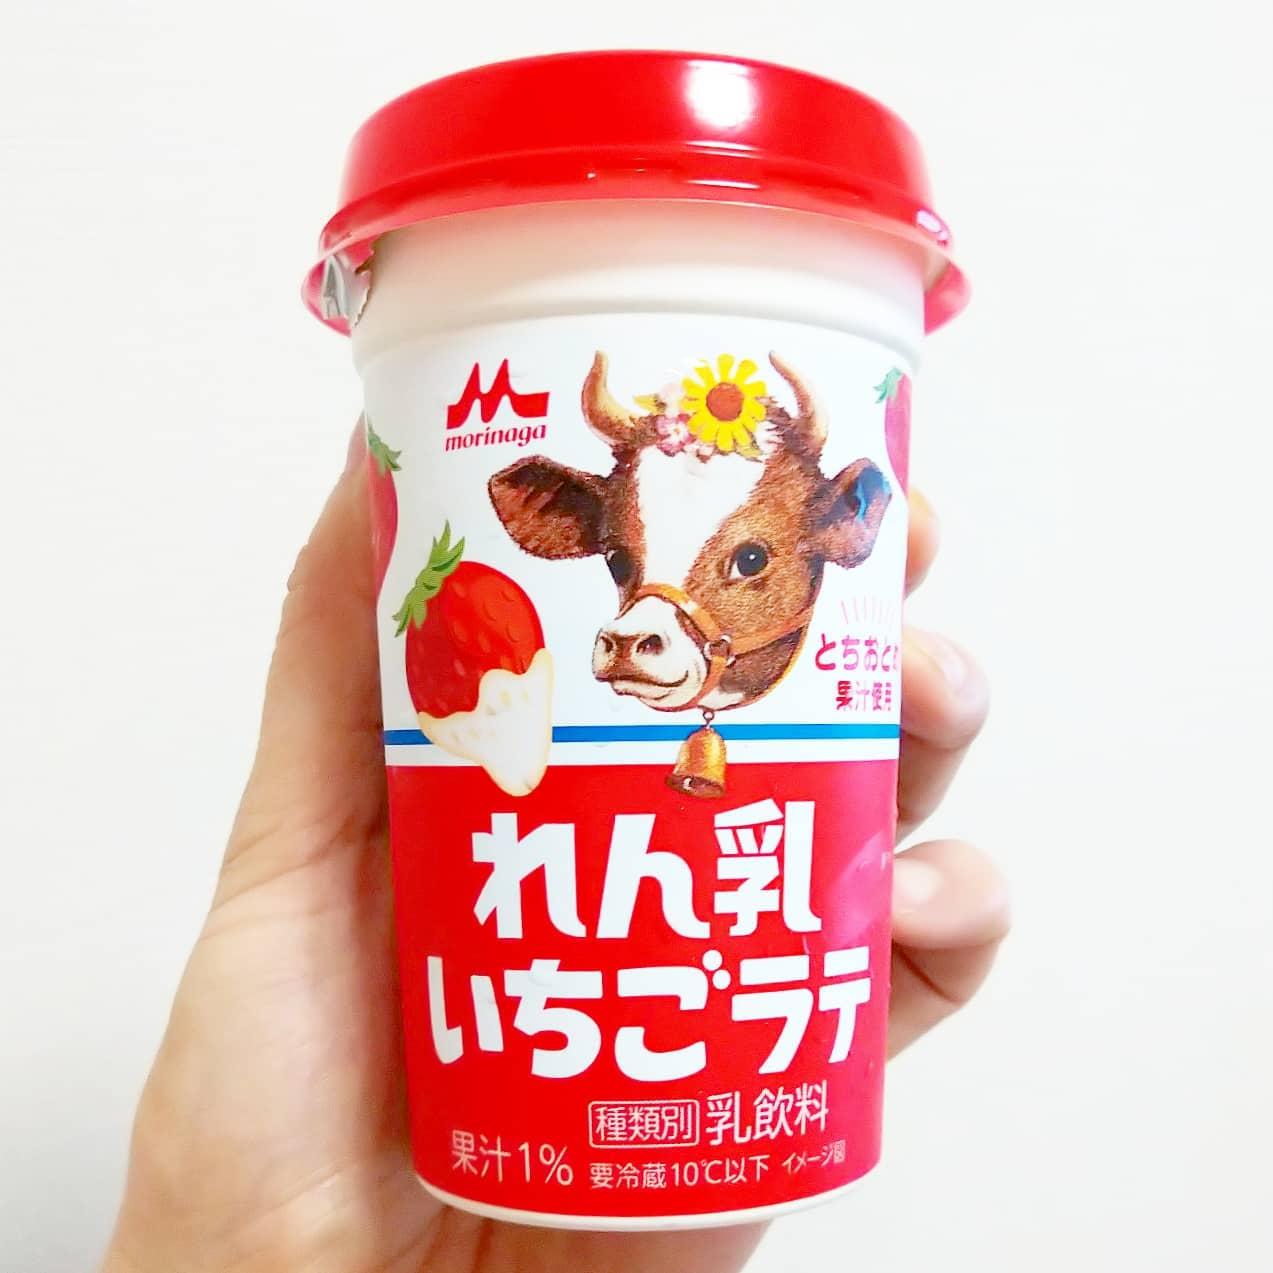 #いちごミルクラブ #森永乳業 #れん乳いちごラテ 謎イチゴ系-☆---本物イチゴ系甘さ強め系--☆--控え目系こってり系--☆--さっぱり系超ミルク系--☆--生クリーム系おもいで度--☆-- #侍猫度優しめ練乳のいちごオレだね。もっとチューブでとろとろな激甘練乳を激盛りかと思ってたけども、一般の方も美味しく飲める甘さでしたな。程よい練乳で美味しいけどもね、以前ローソンにあったごろっといちごミルクのが強烈な甘さで好きだったなぁ。程よい美味しさより危険なくらいの思い出が欲しいよね。ファミマで買ったやつだよ#いちごオレ #いちごオレ味 #いちごミルク #いちごミルクみたい #いちご牛乳 #いちご牛乳味 #イチゴ牛乳 #いちご牛乳クラブ #苺牛乳 #苺牛乳が好き #苺ミルク #苺スイーツ #苺 #苺好きに生まれたからには #メソギア派 #糖分 #いちごミルク味 #スイーツ #スイーツ好き #スイーツスタグラム #スイーツタイム #スイーツ写真 #strawberry #strawberrymilk